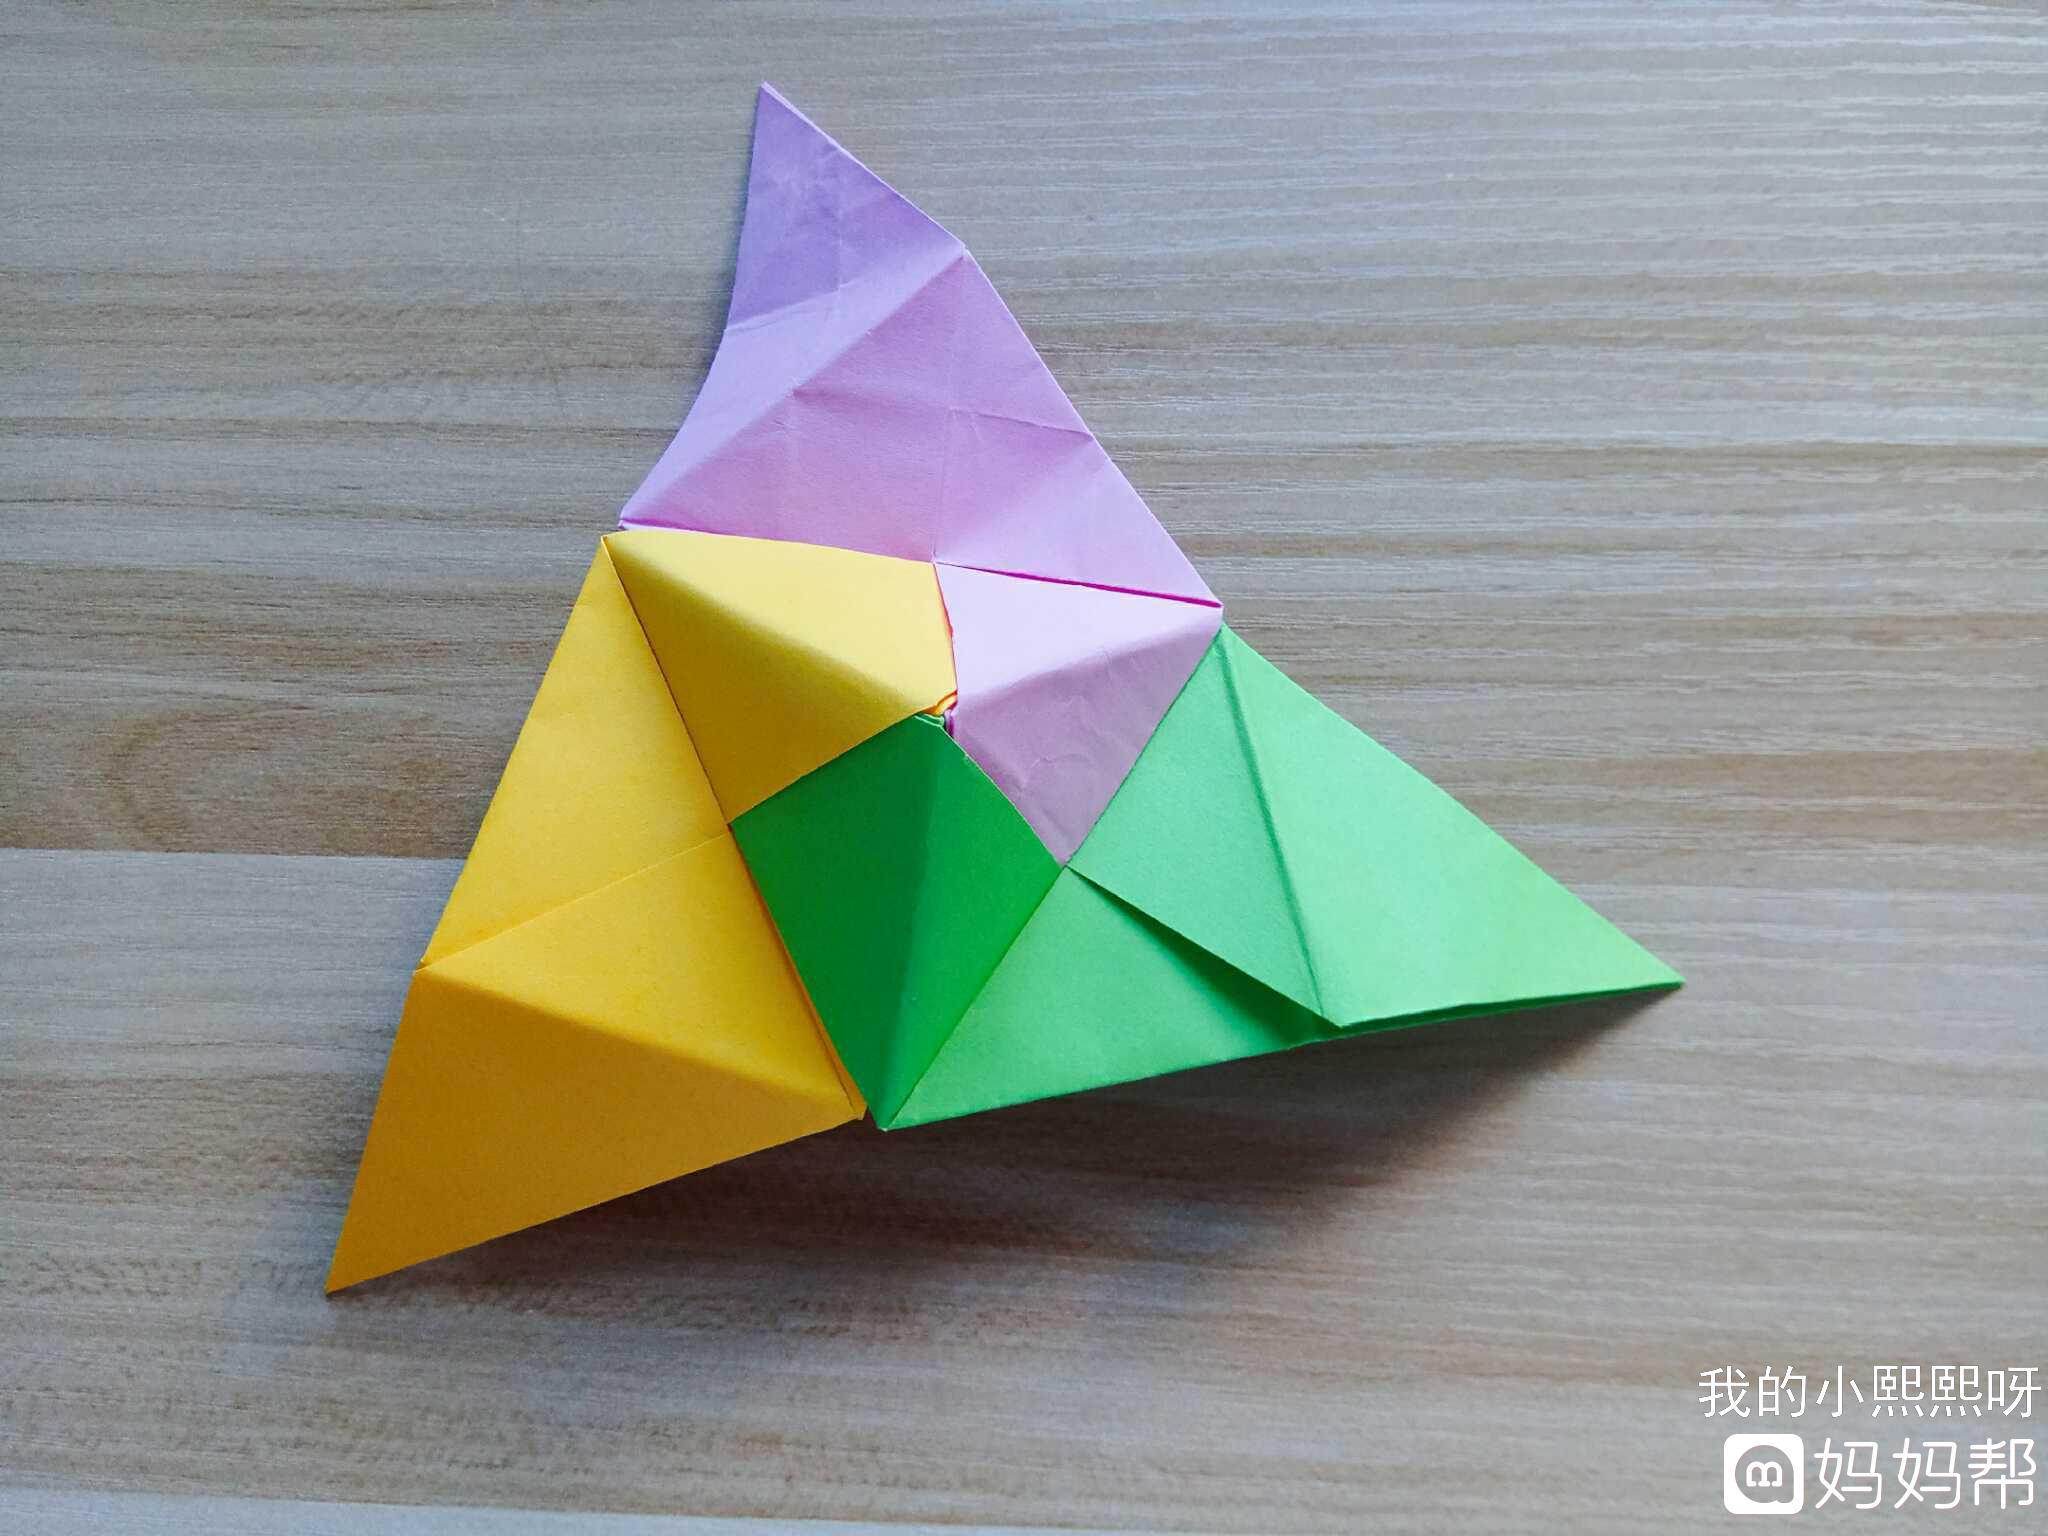 【出粽手工大比拼】简单的折纸三色粽子